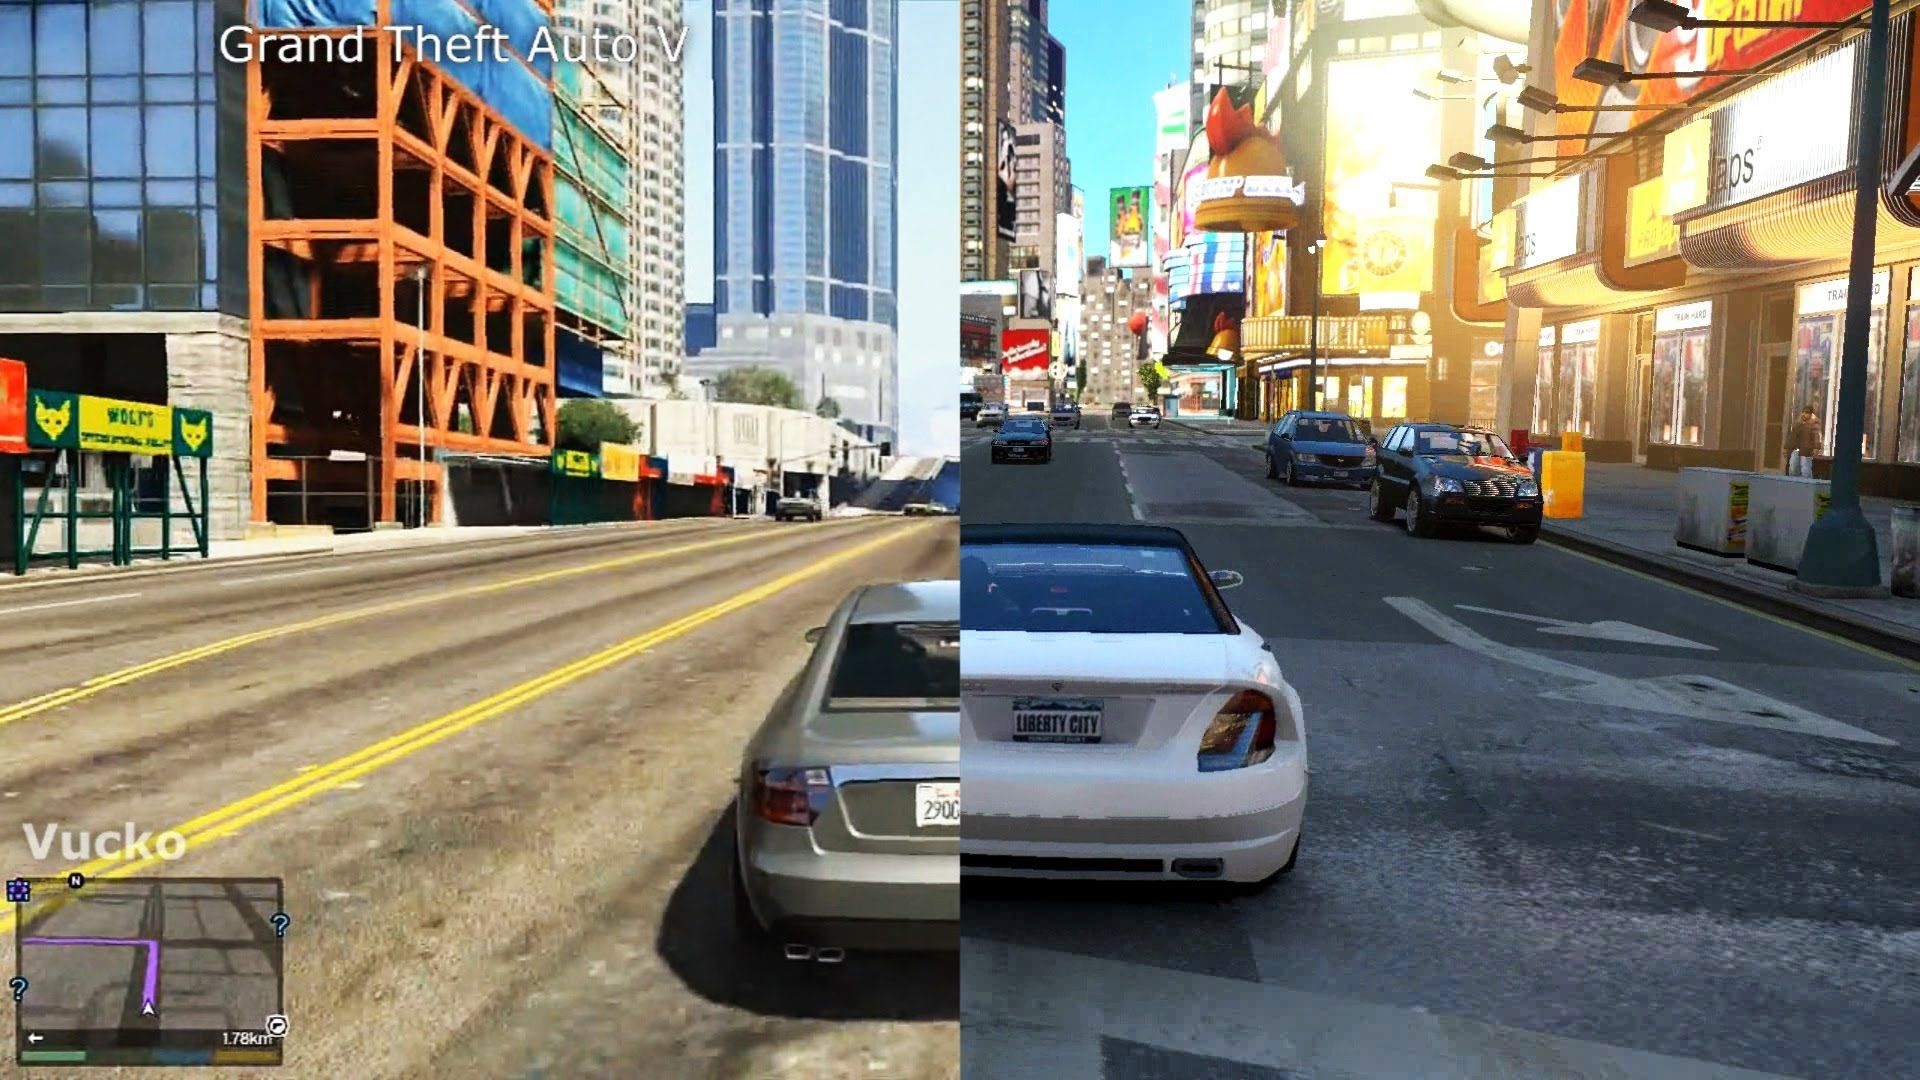 Grand Theft Auto 4 Vs Grand Theft Auto 5 Gta 4 Vs Gta 5 Gameplay Comparison Grand Theft Auto 4 Grand Theft Auto Gta